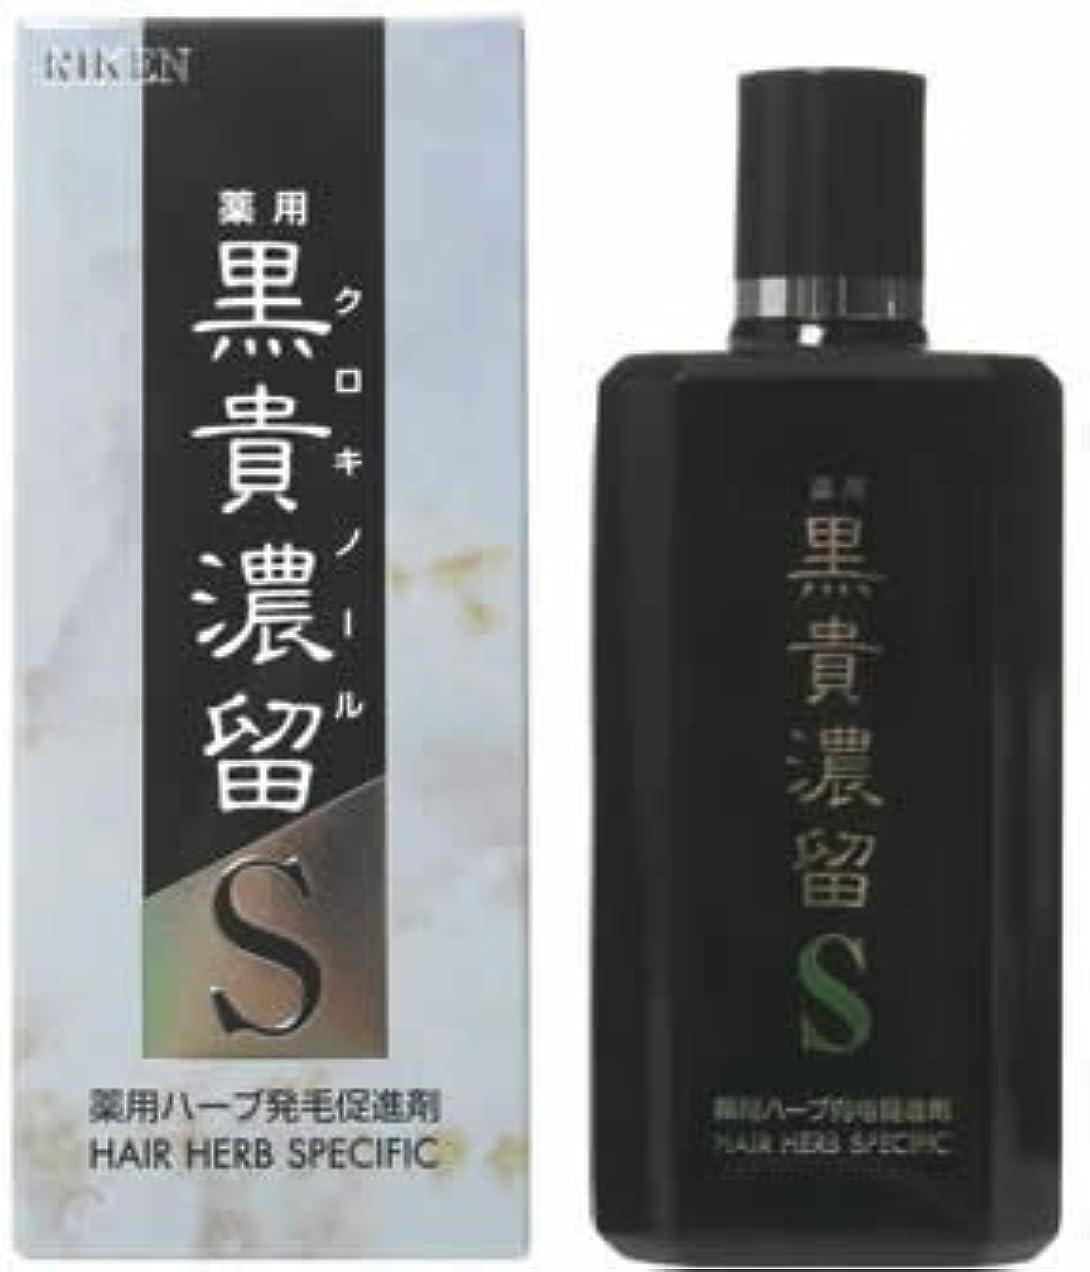 ユニマットリケン 黒貴濃留S(クロキノールS) 150ml